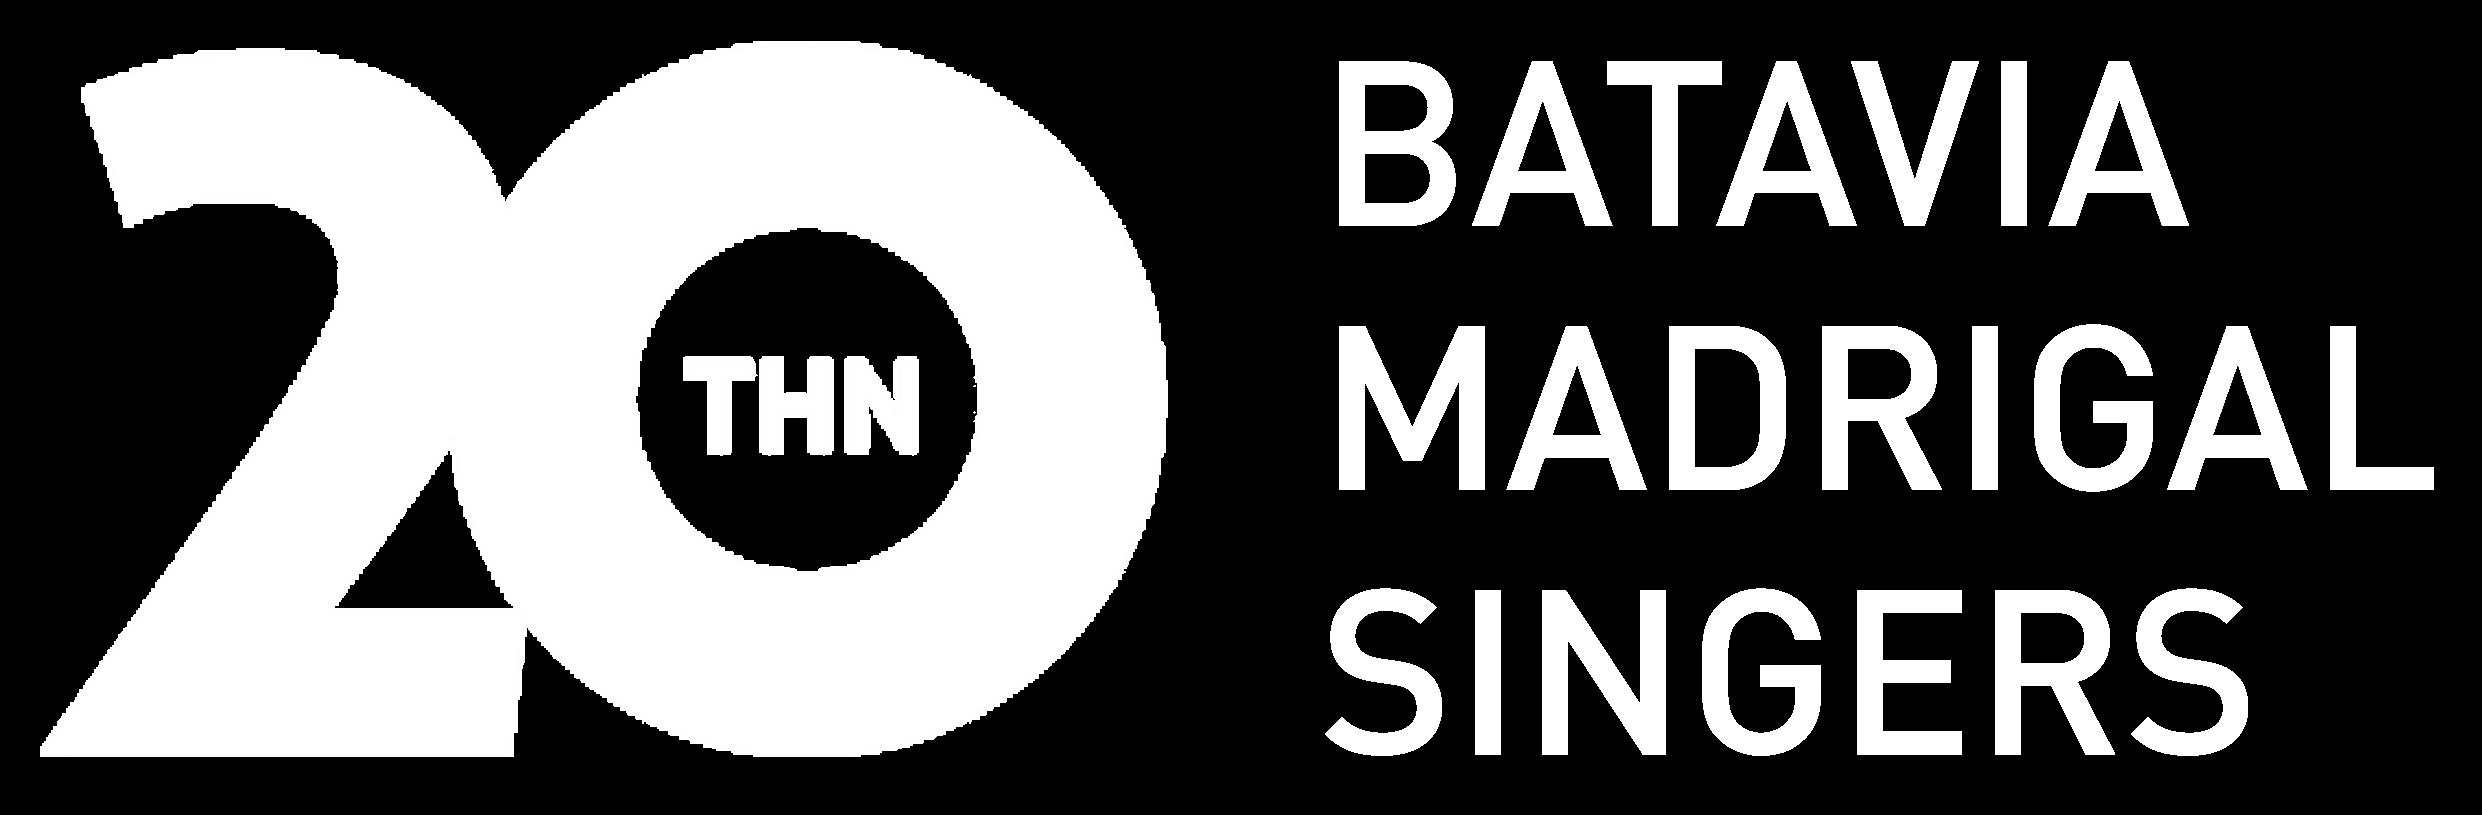 anniv-bms